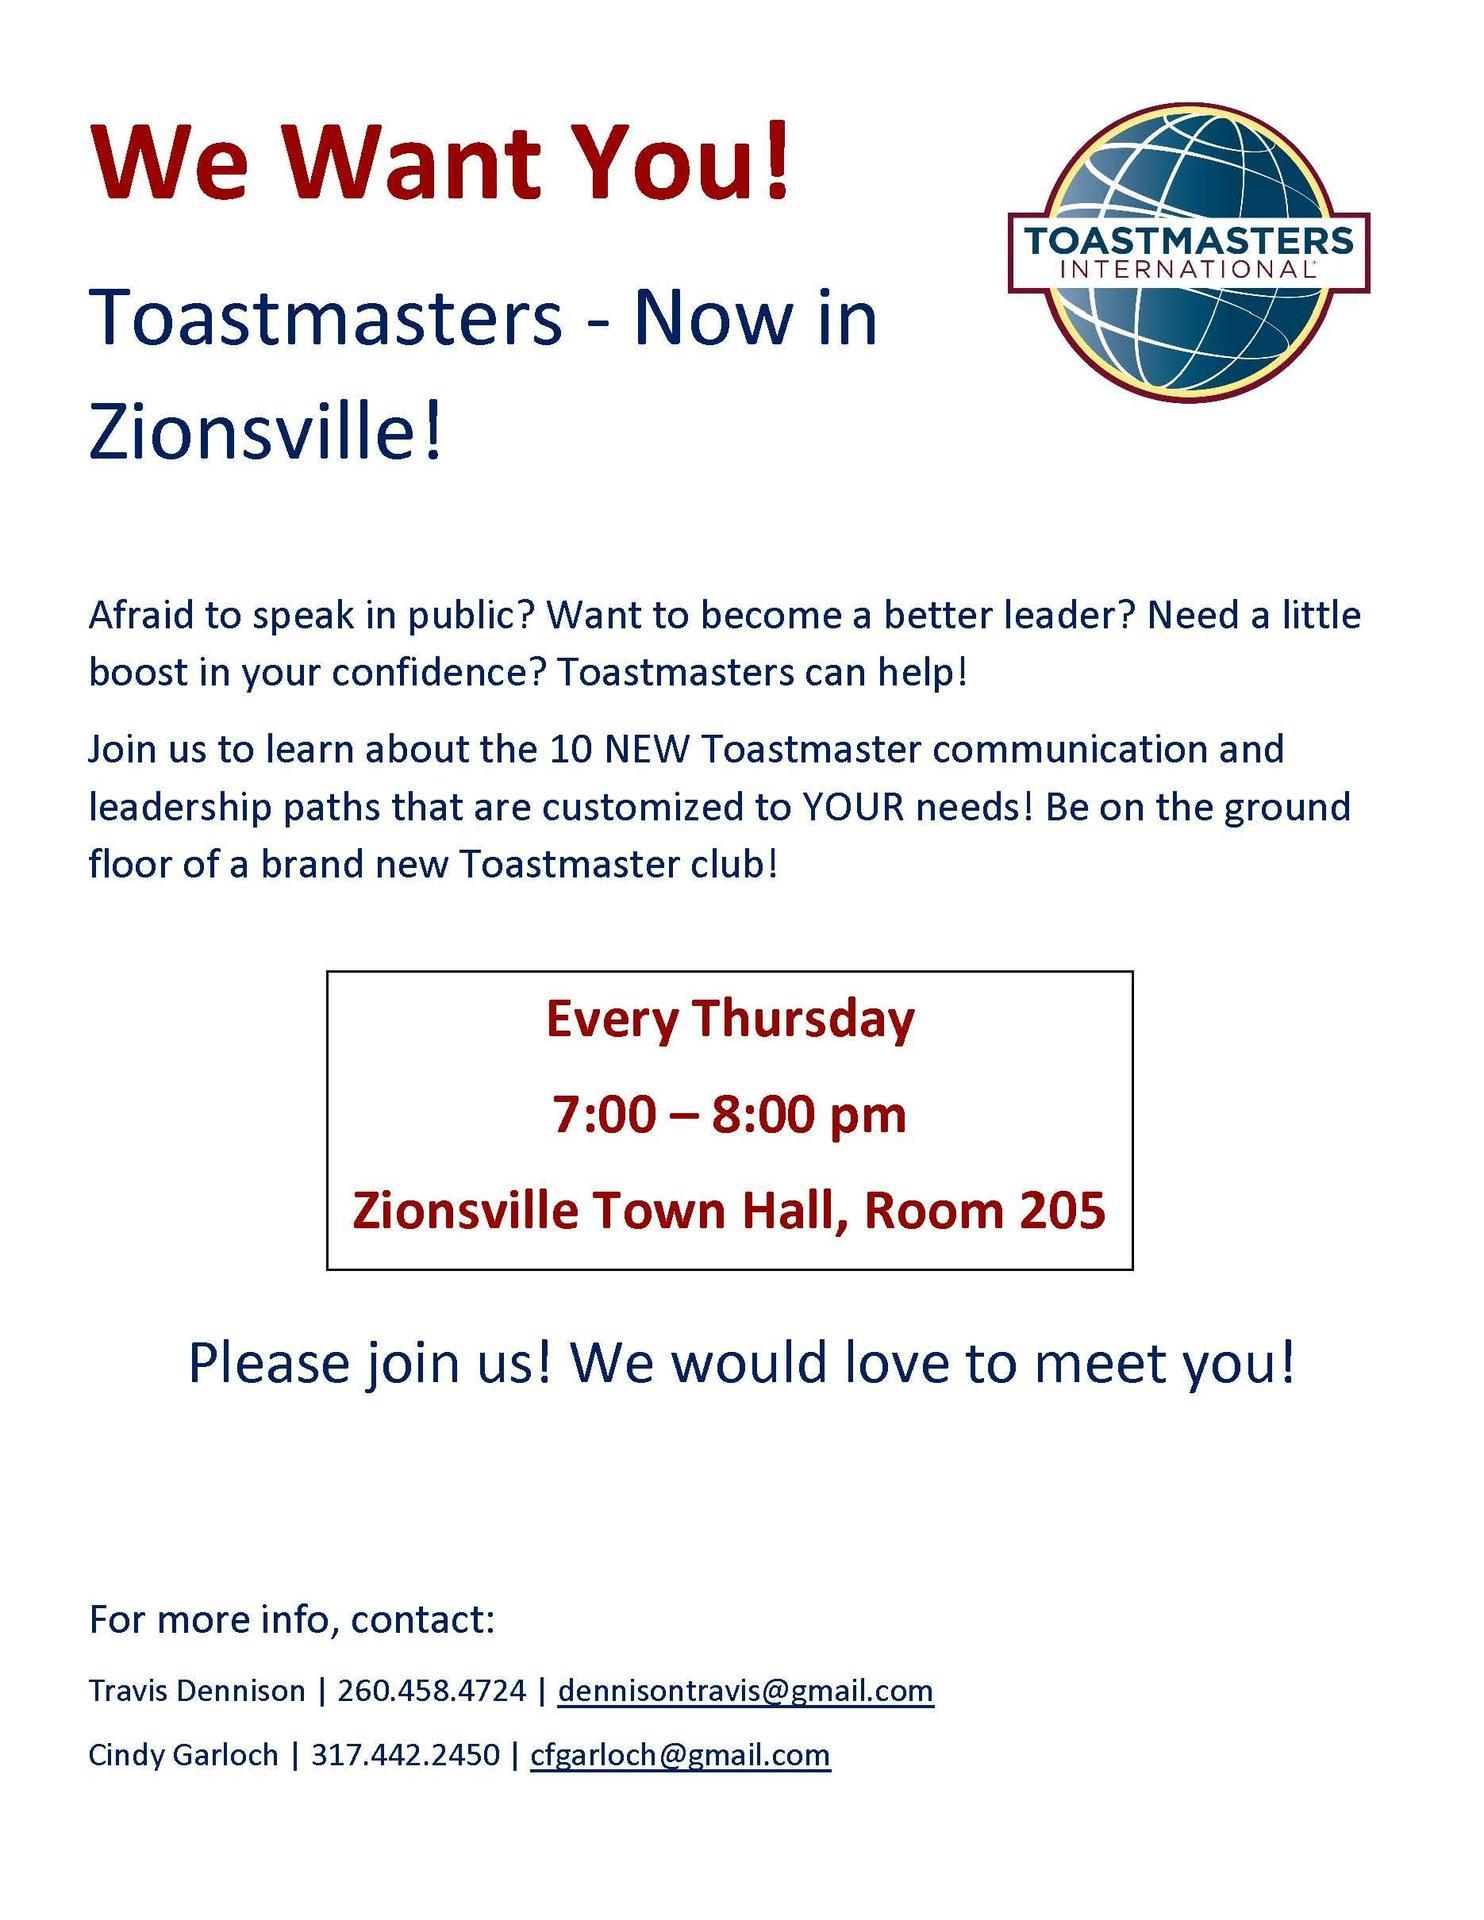 Zionsville Toastmasters